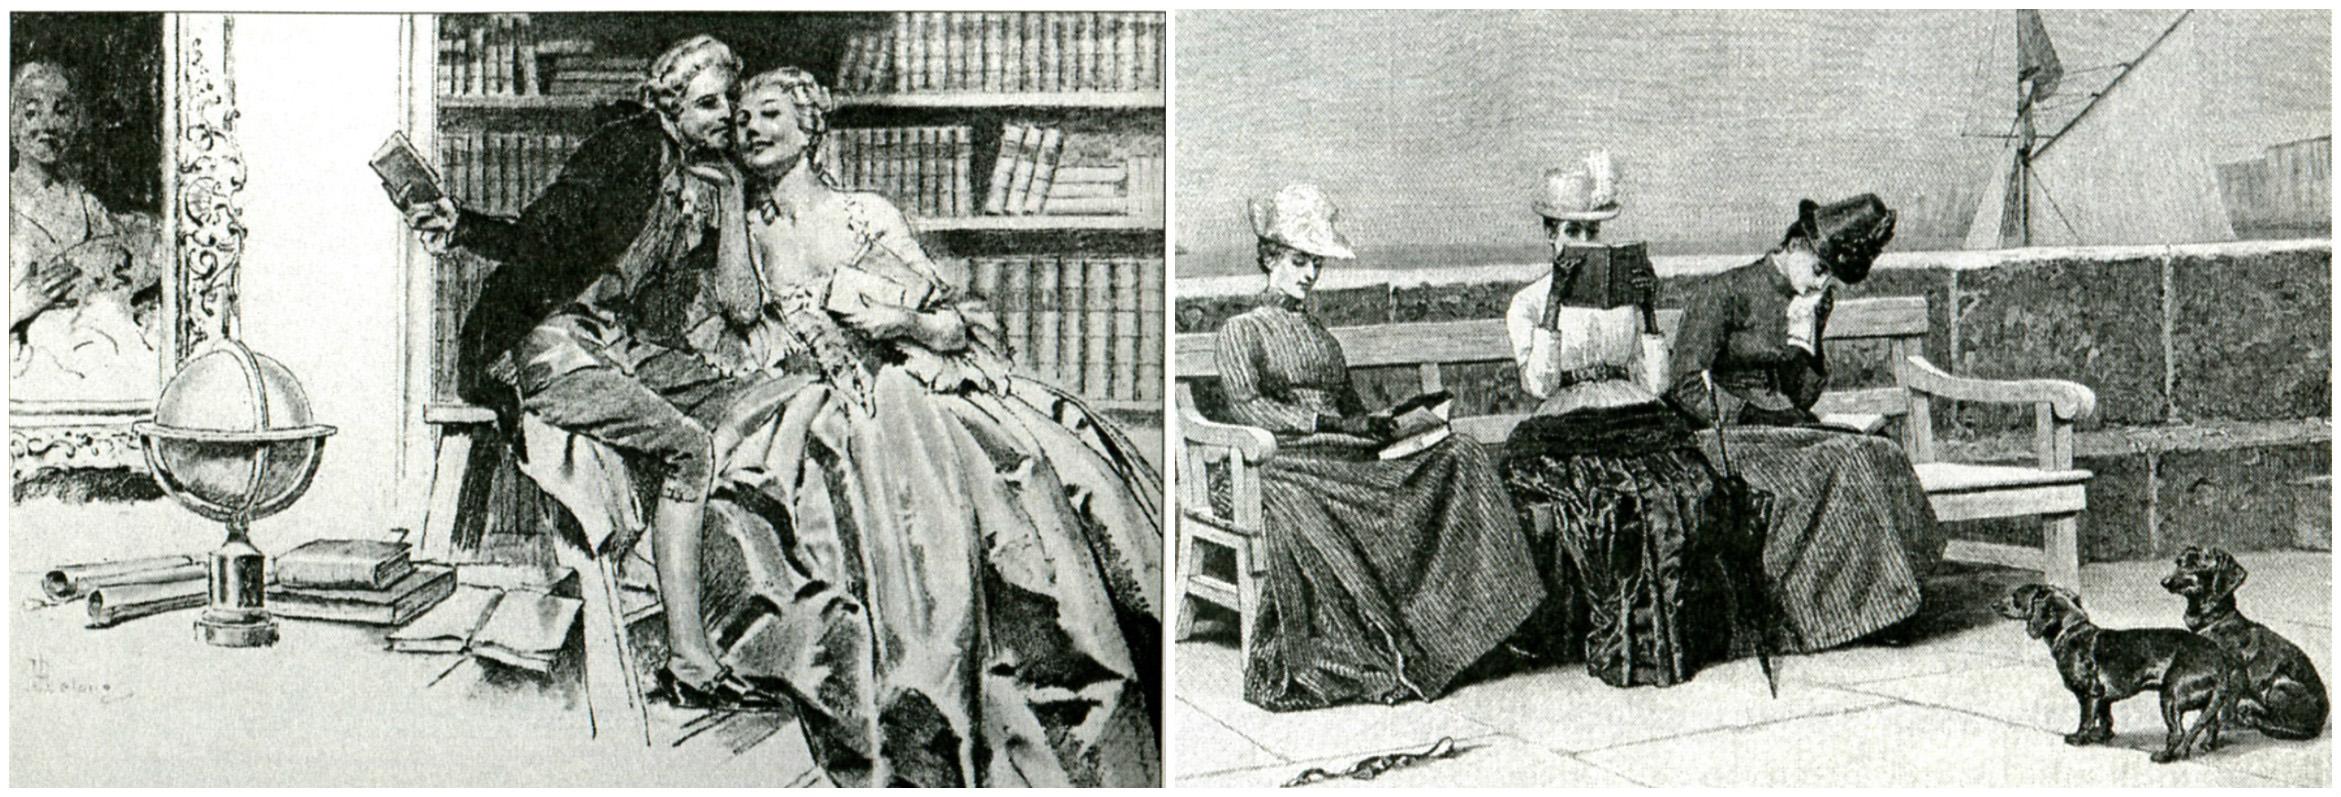 Рене Лелонг René Lelong (1871-1933) Рисунок из серии «Fantasio. XVII век» и рисунок неизвестного американского графика 1869